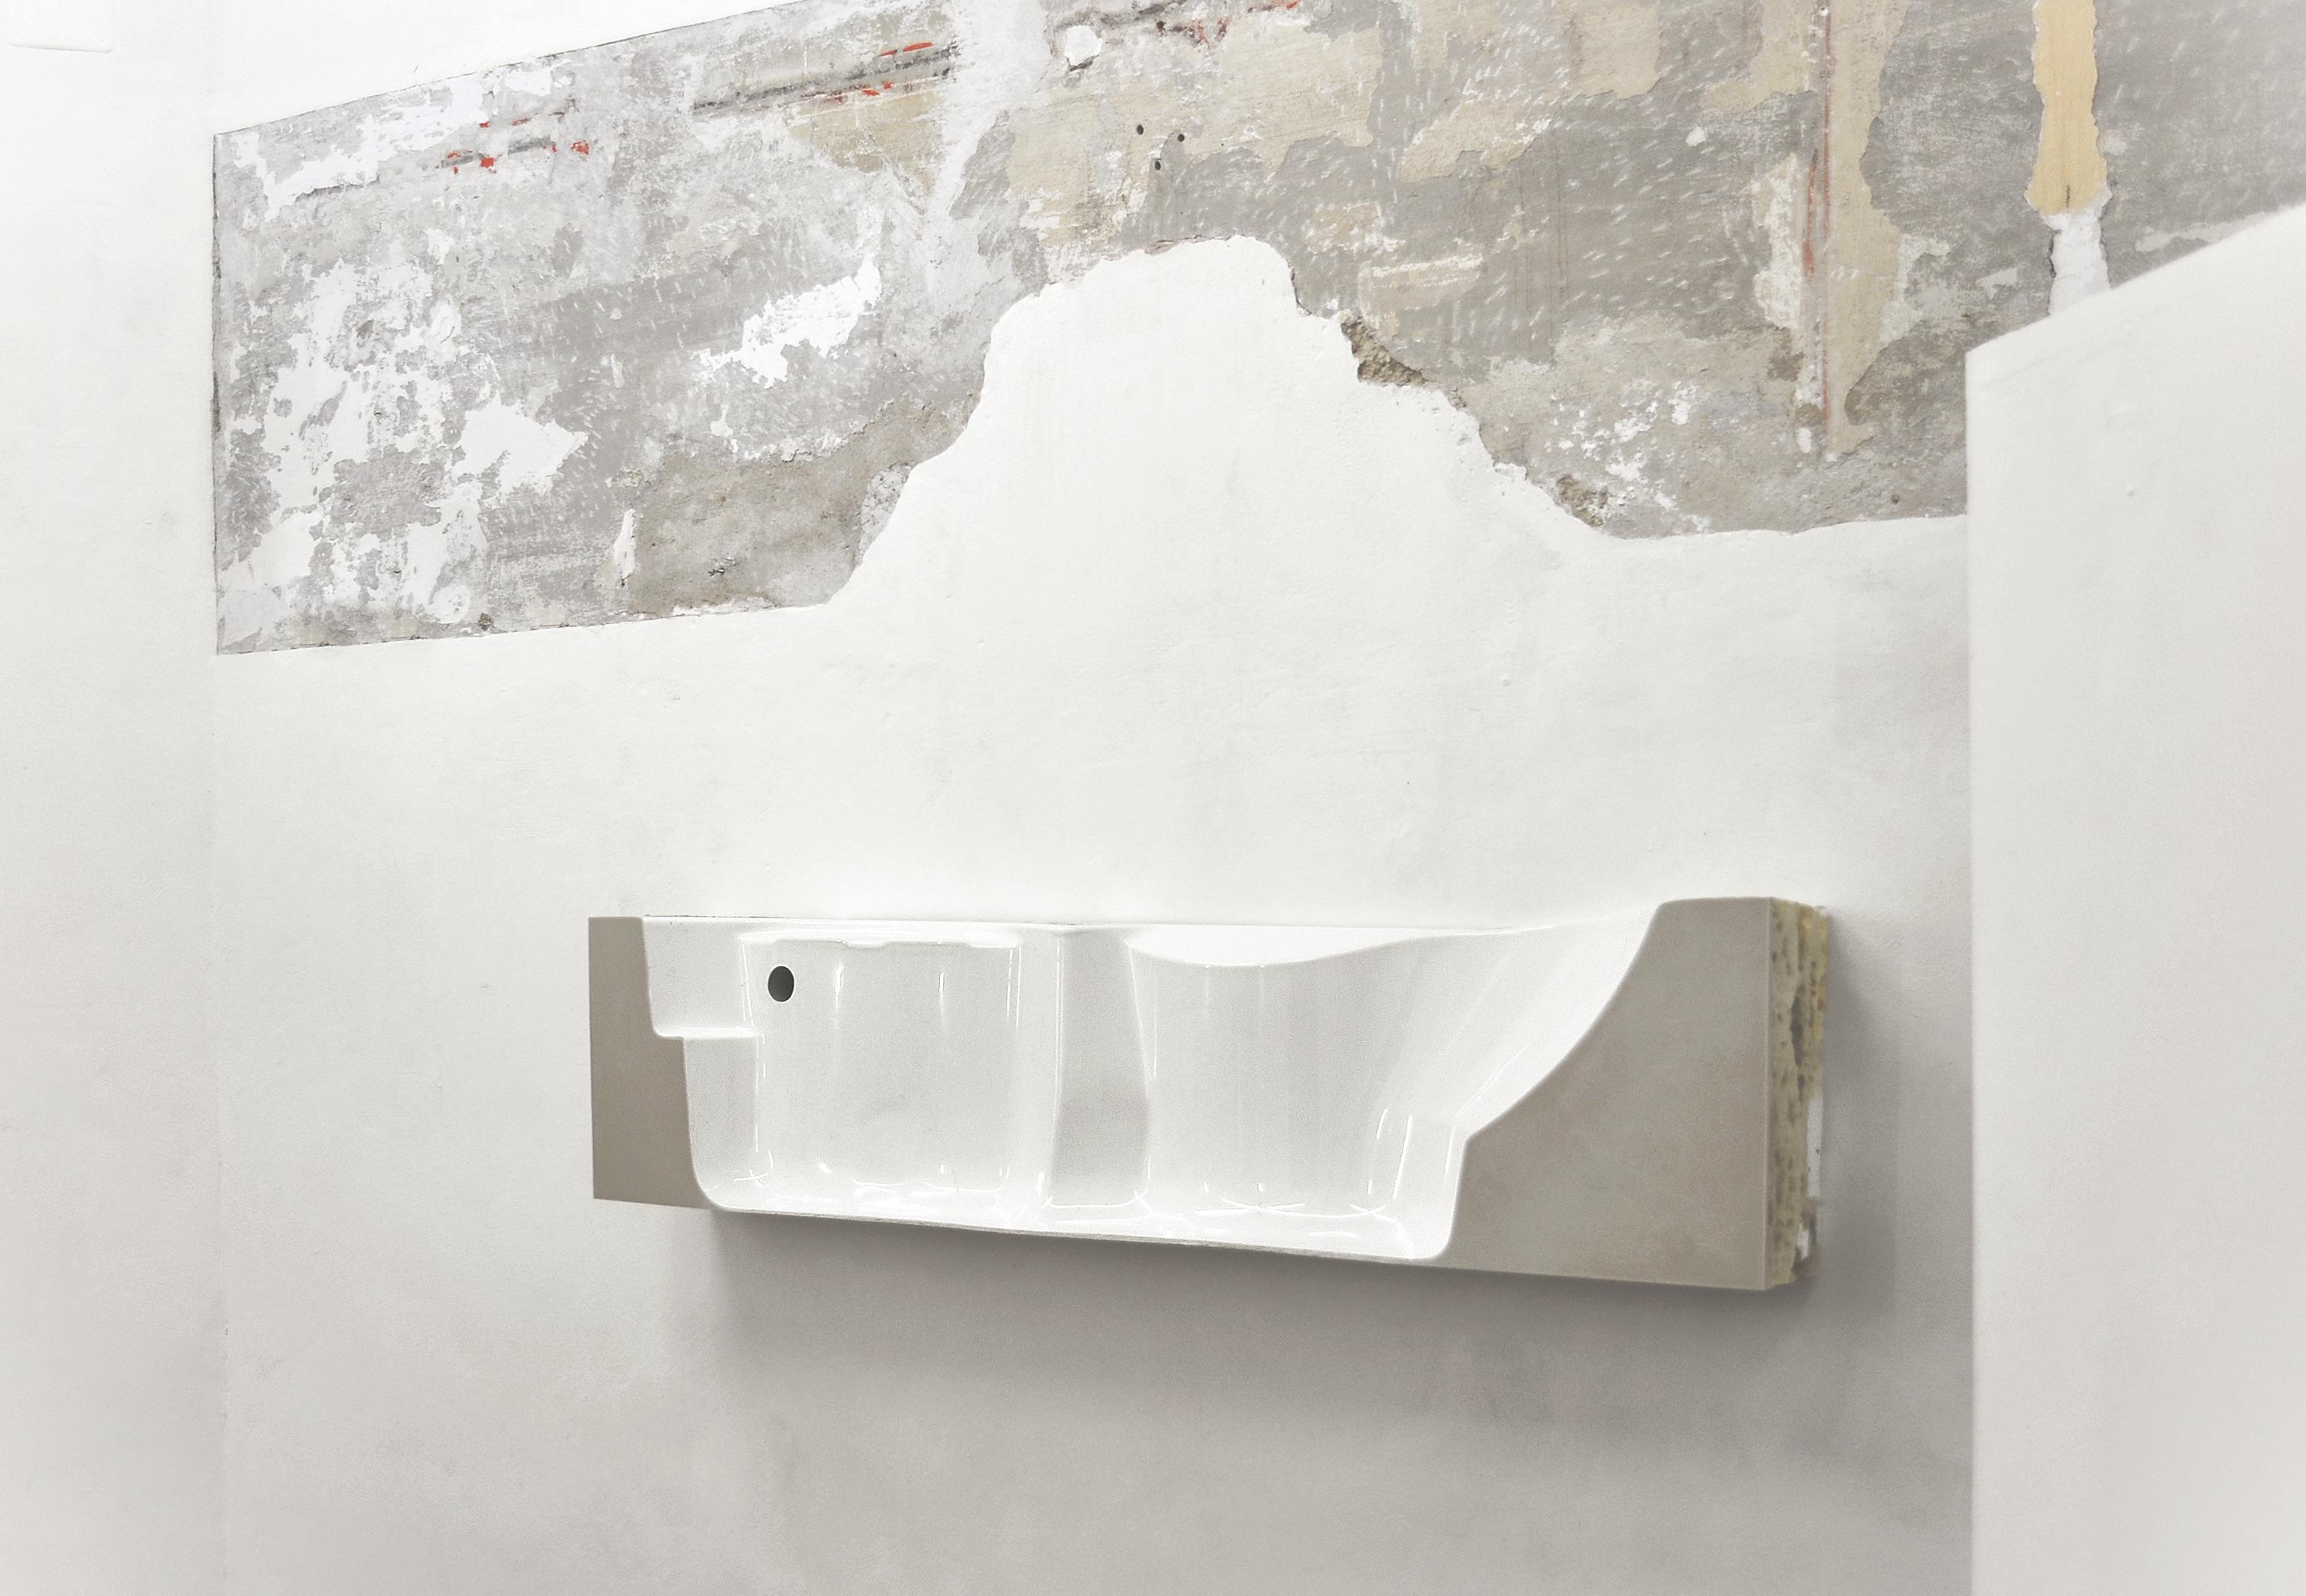 Silvia Vendramel, Bath, 2018, resina e poliuretano espanso, 40x190x30, photo credits MAC Lissone